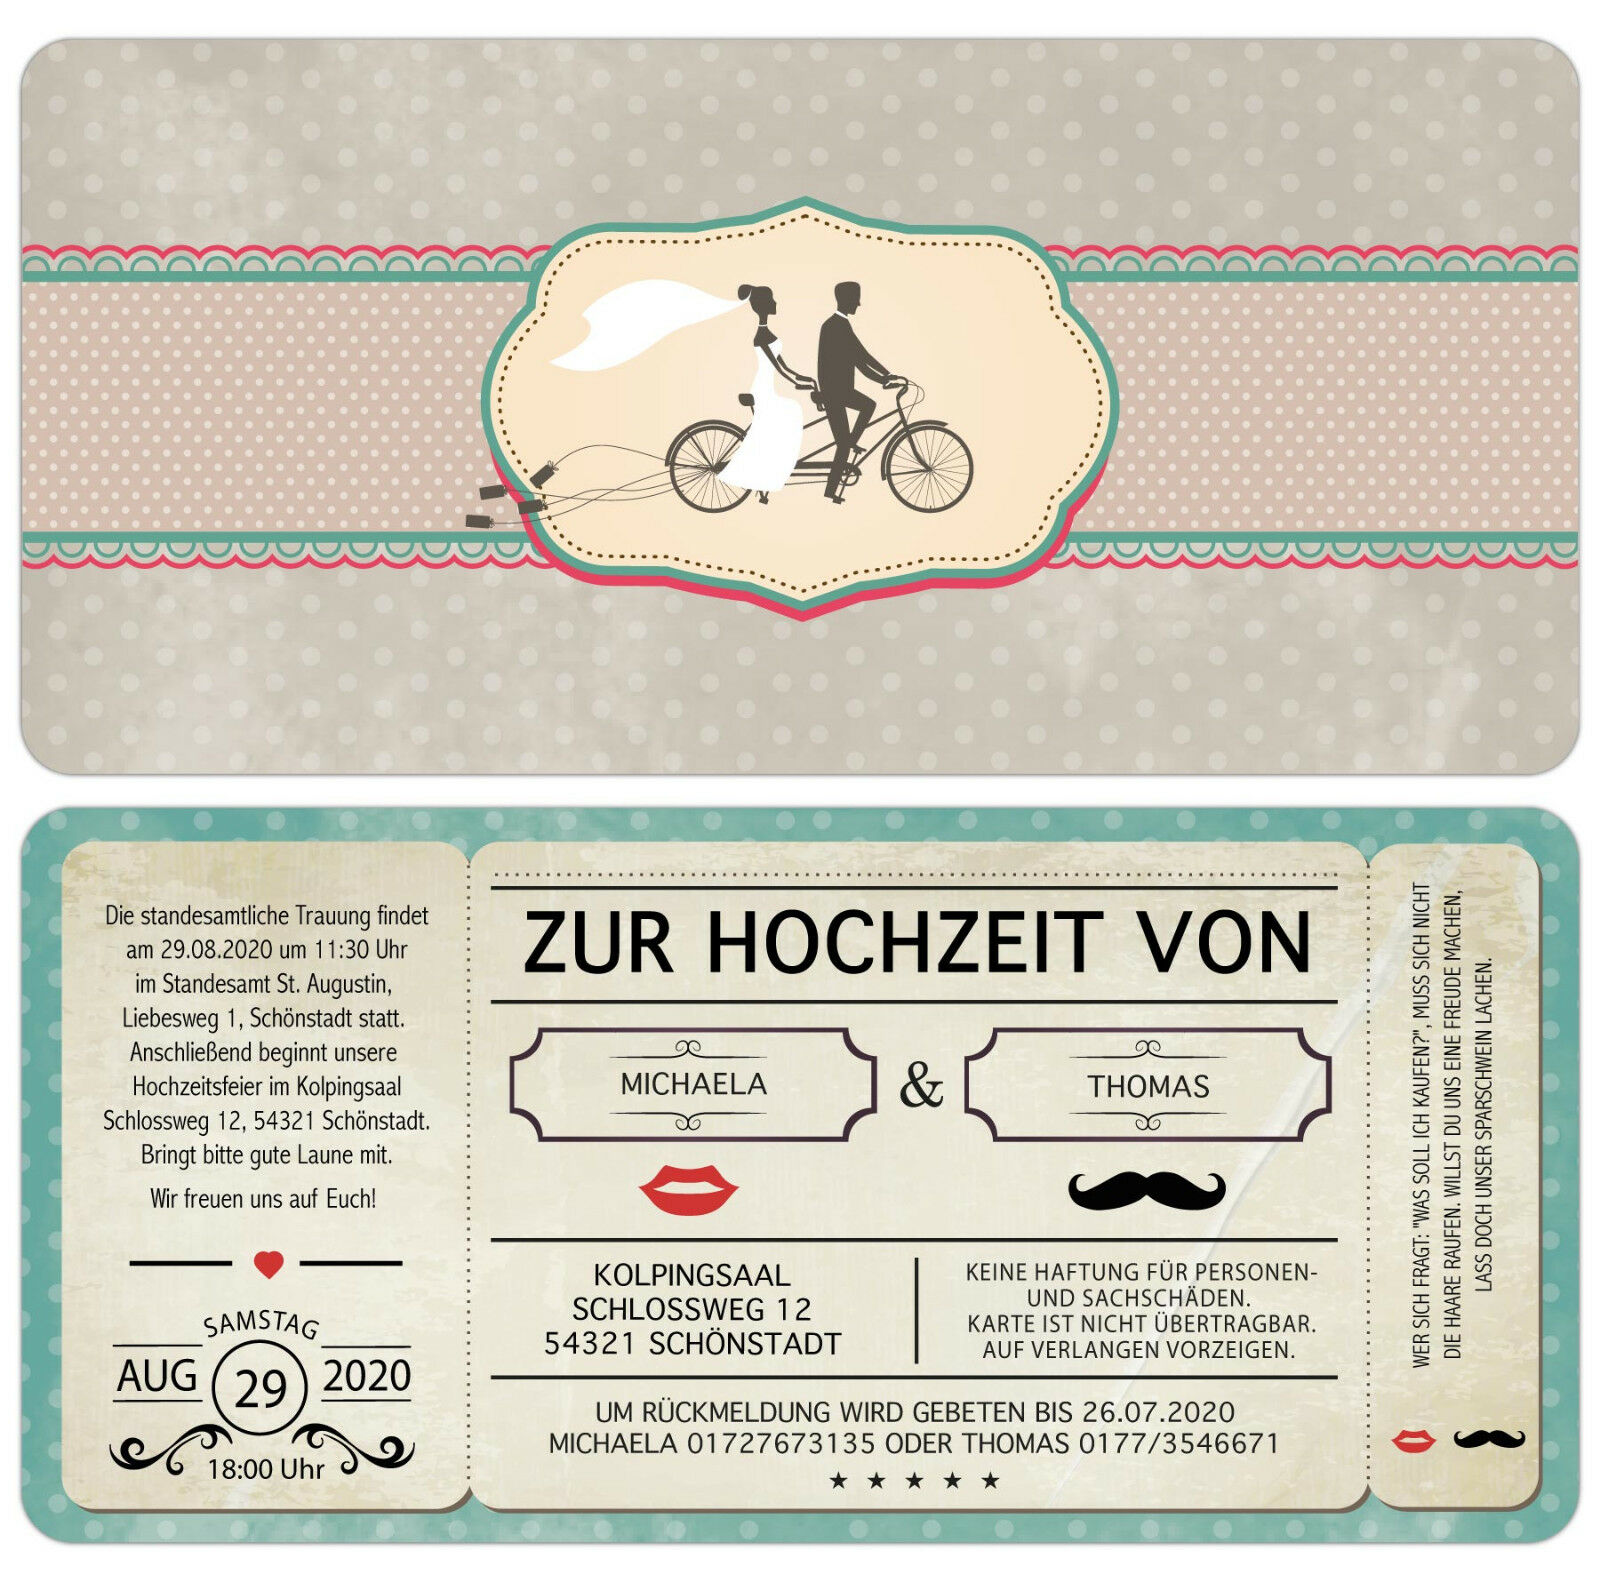 Einladungskarte zur Hochzeit - Vintage - Retro - Eintrittskarte - echter Abriss   | Hochwertig  | Vollständige Spezifikation